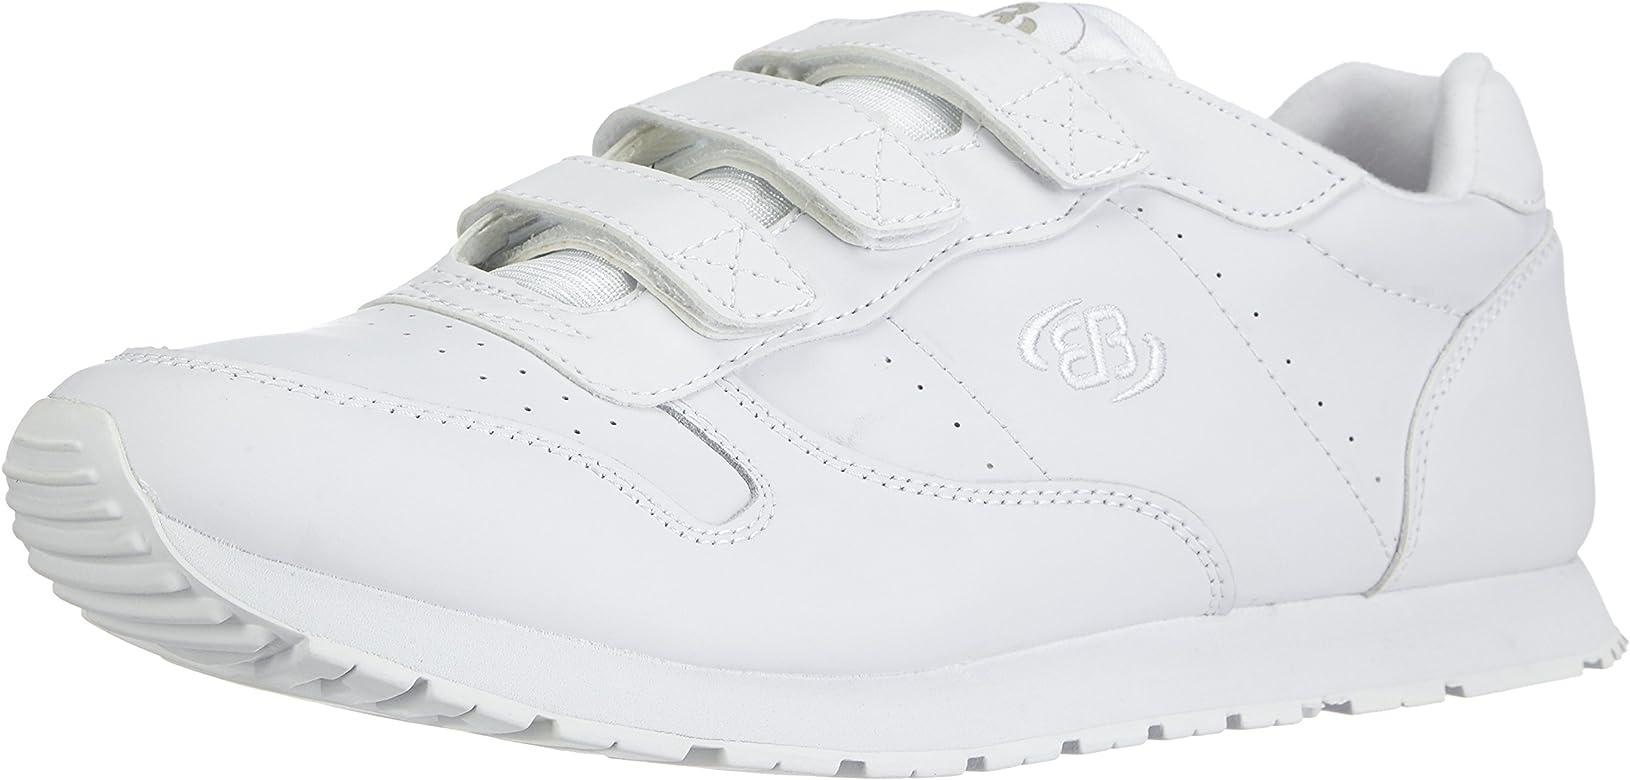 Bruetting Diamond Classic V, Zapatillas de Deporte para Hombre, Blanco (Weiß Weiß), 48 EU: Amazon.es: Zapatos y complementos